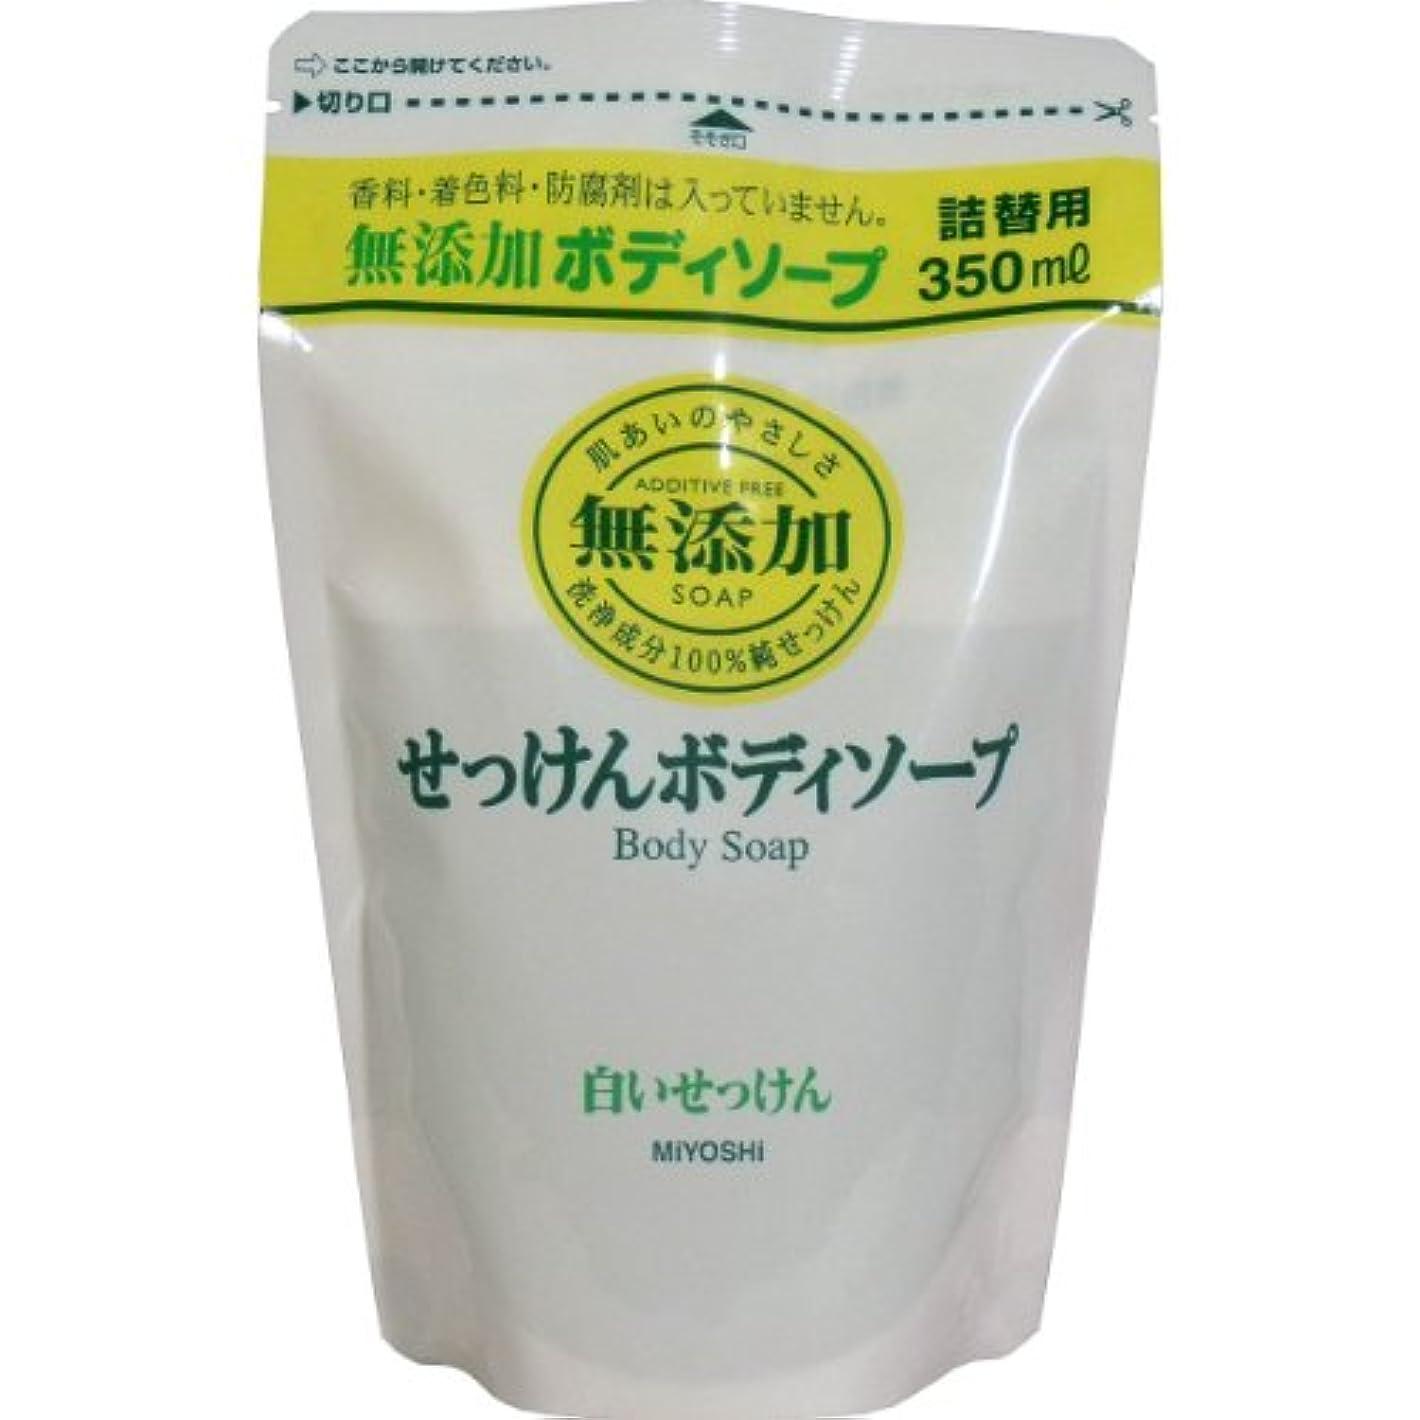 まだ抵抗引き出す無添加 ボディソープ 白い石けん つめかえ用 350ml(無添加石鹸) 7セット